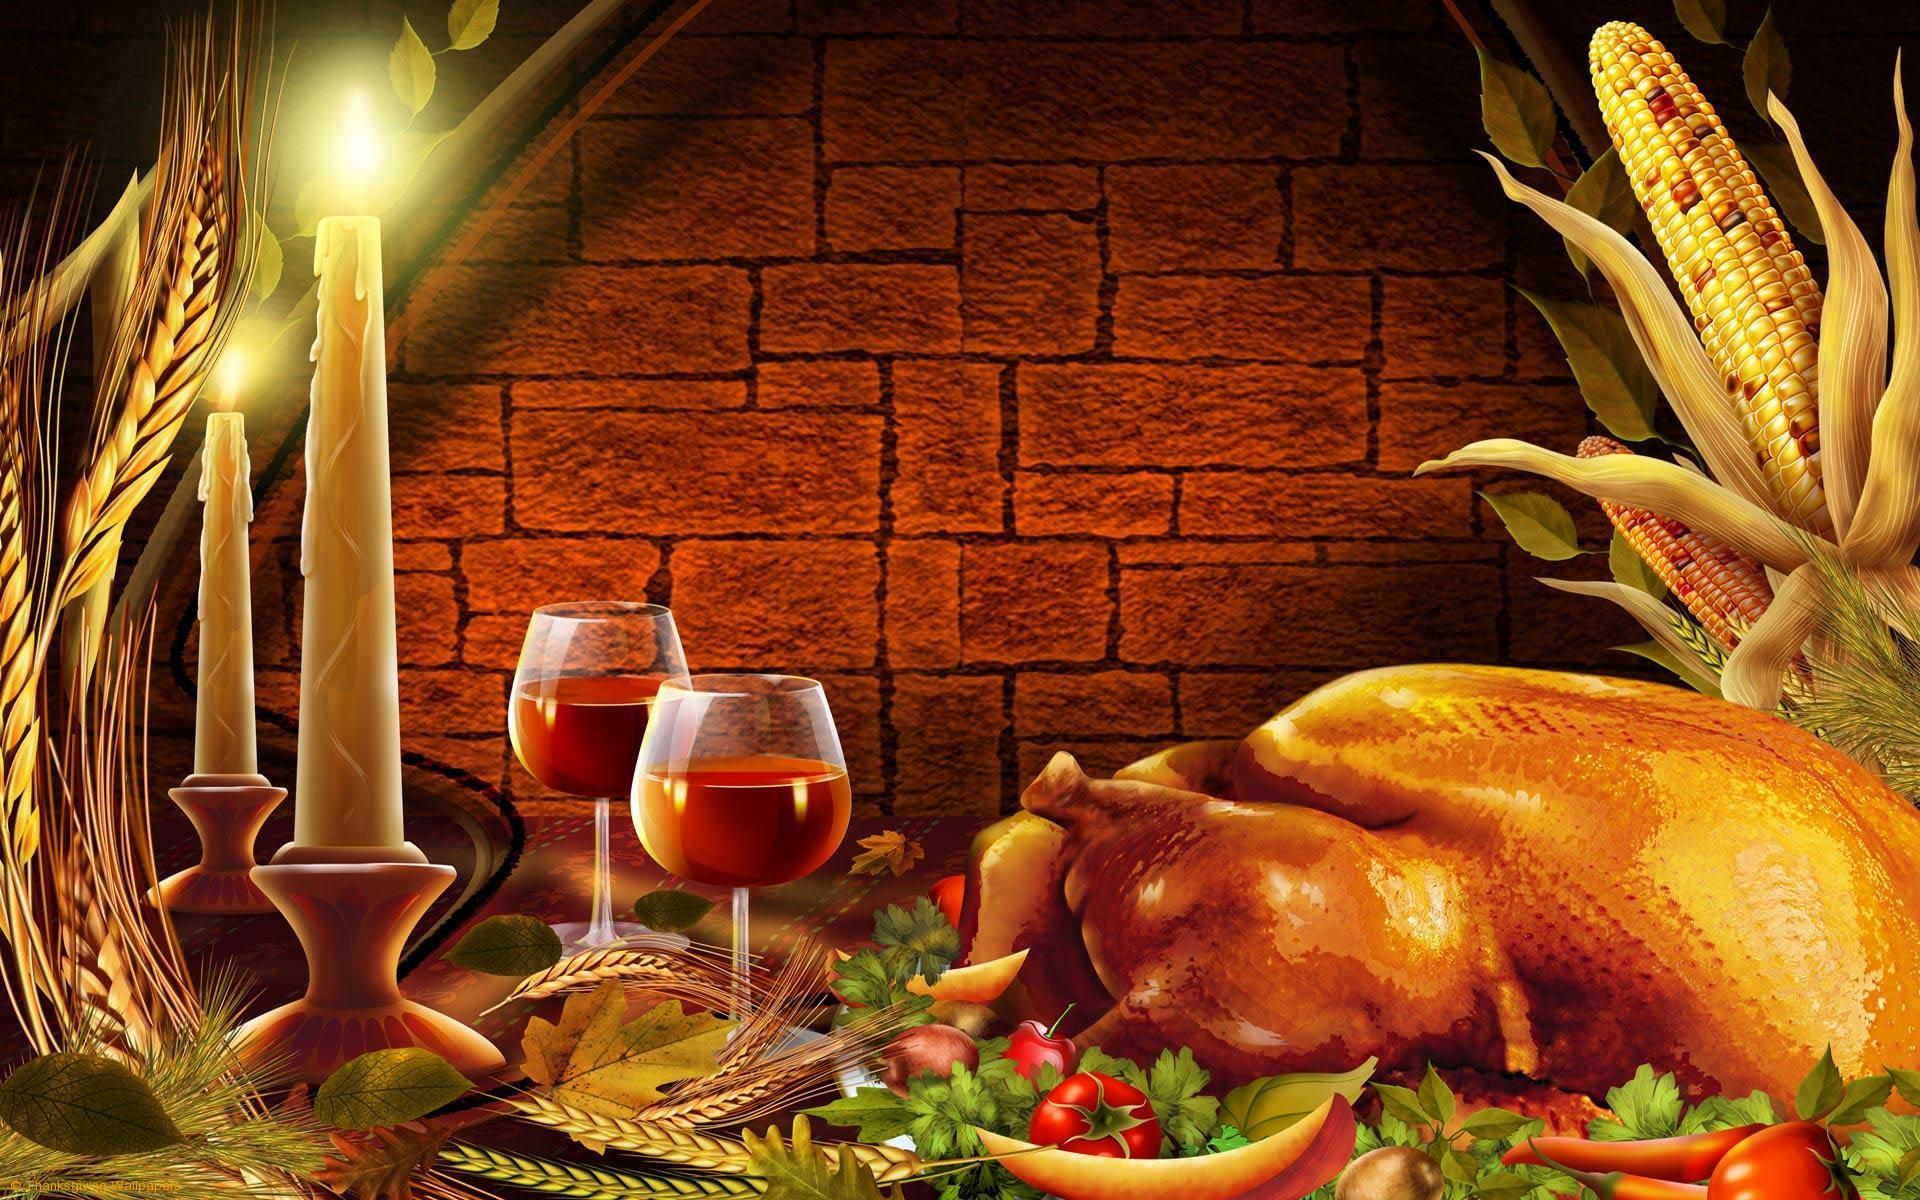 Cozy Thanksgiving Wallpaper, Desktop Cozy Thanksgiving Wallpaper, Cozy .